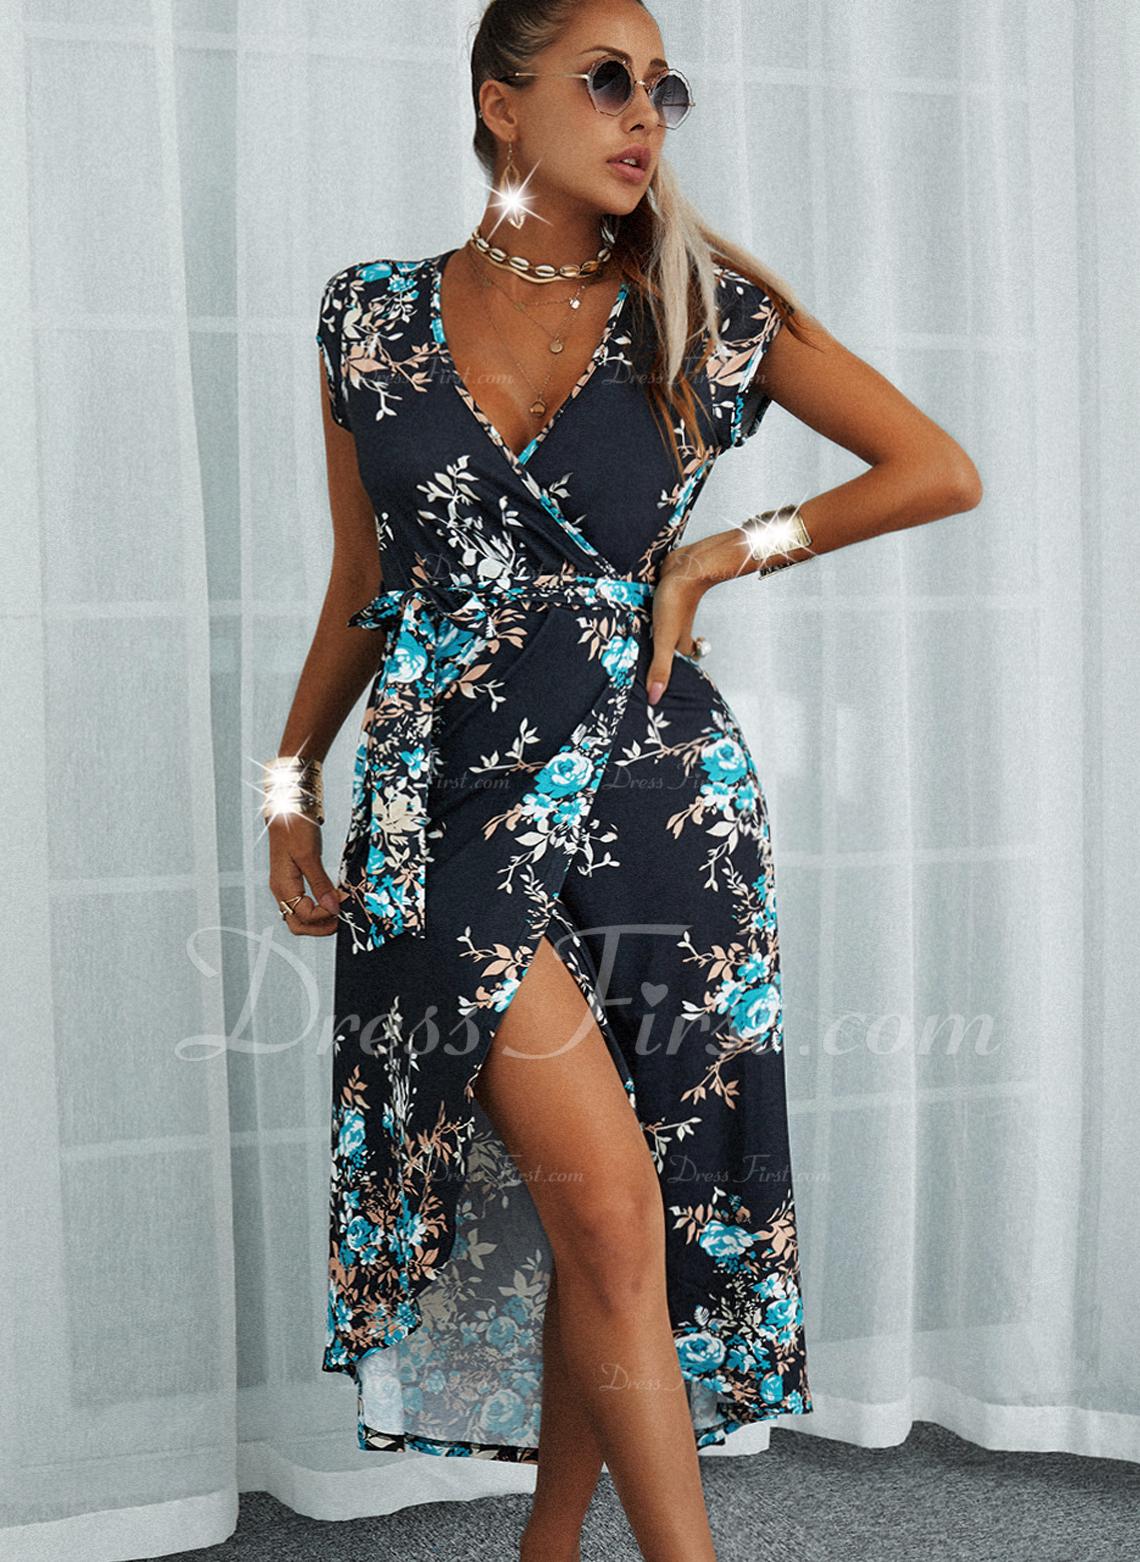 Kwiatowy Nadruk Sukienka Trapezowa Rękawy z kapturkami Asymetryczny Nieformalny Wakacyjna Łyżwiaż Okrycie Modne Suknie